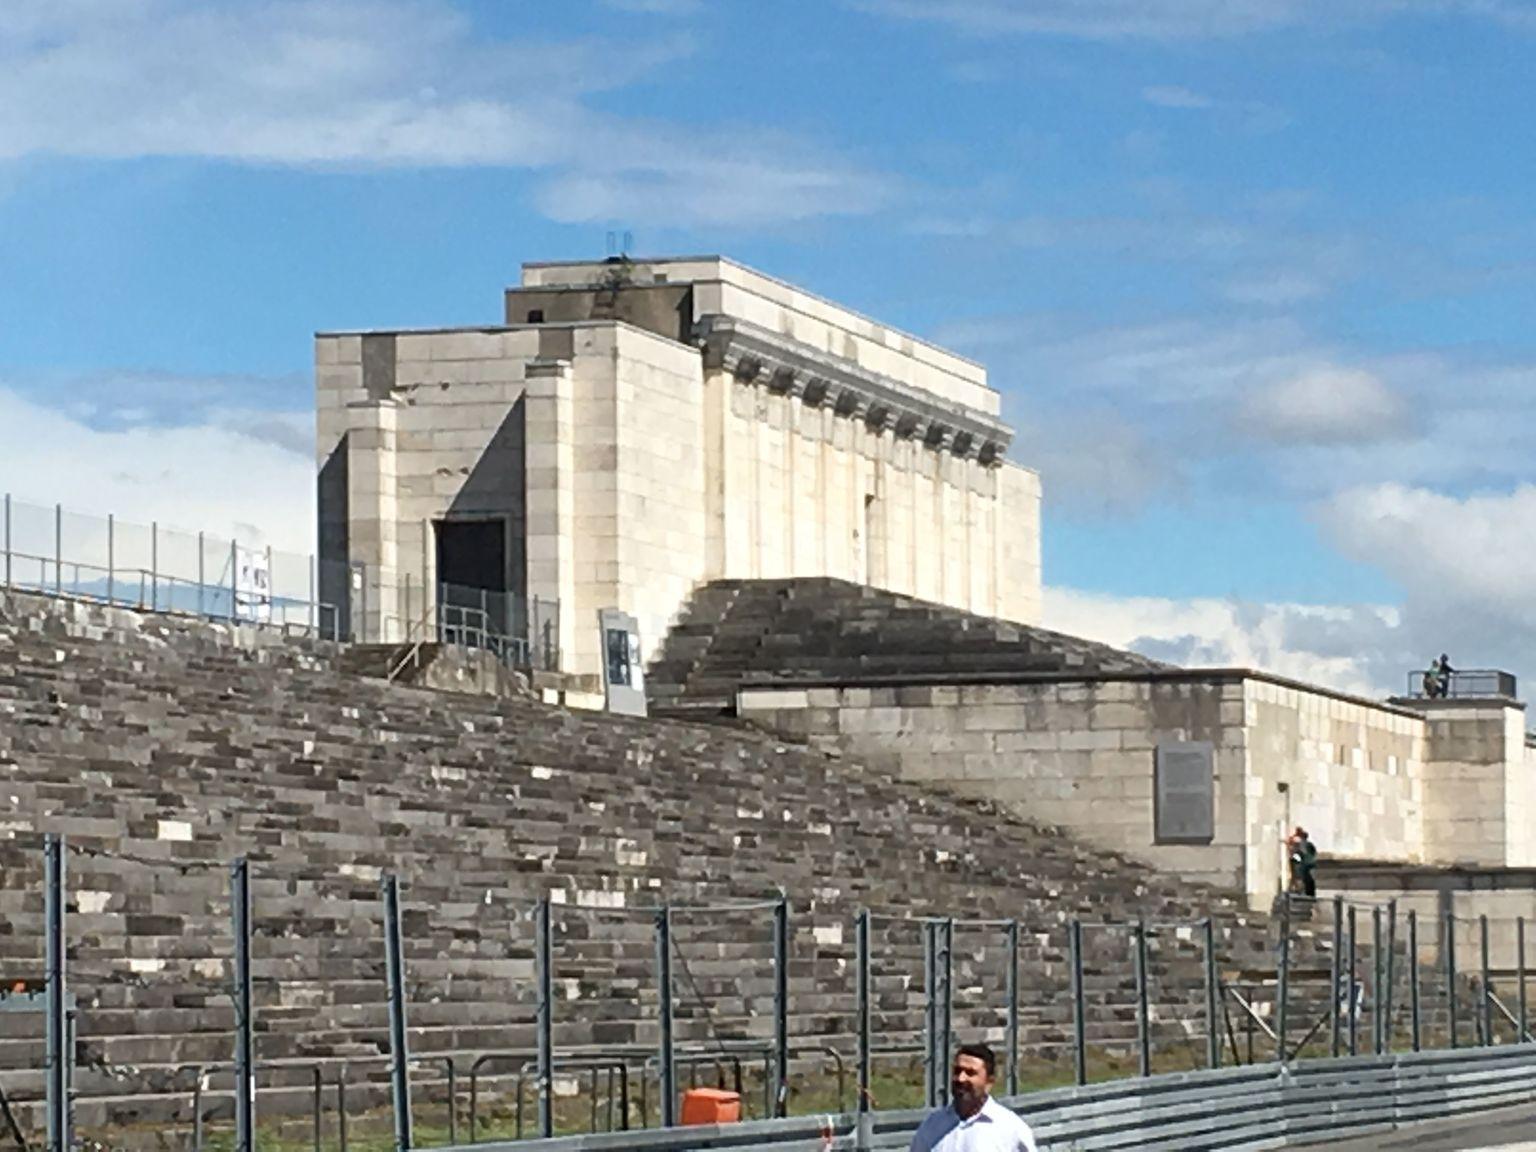 MAIS FOTOS, Nuremberg Day Trip from Munich